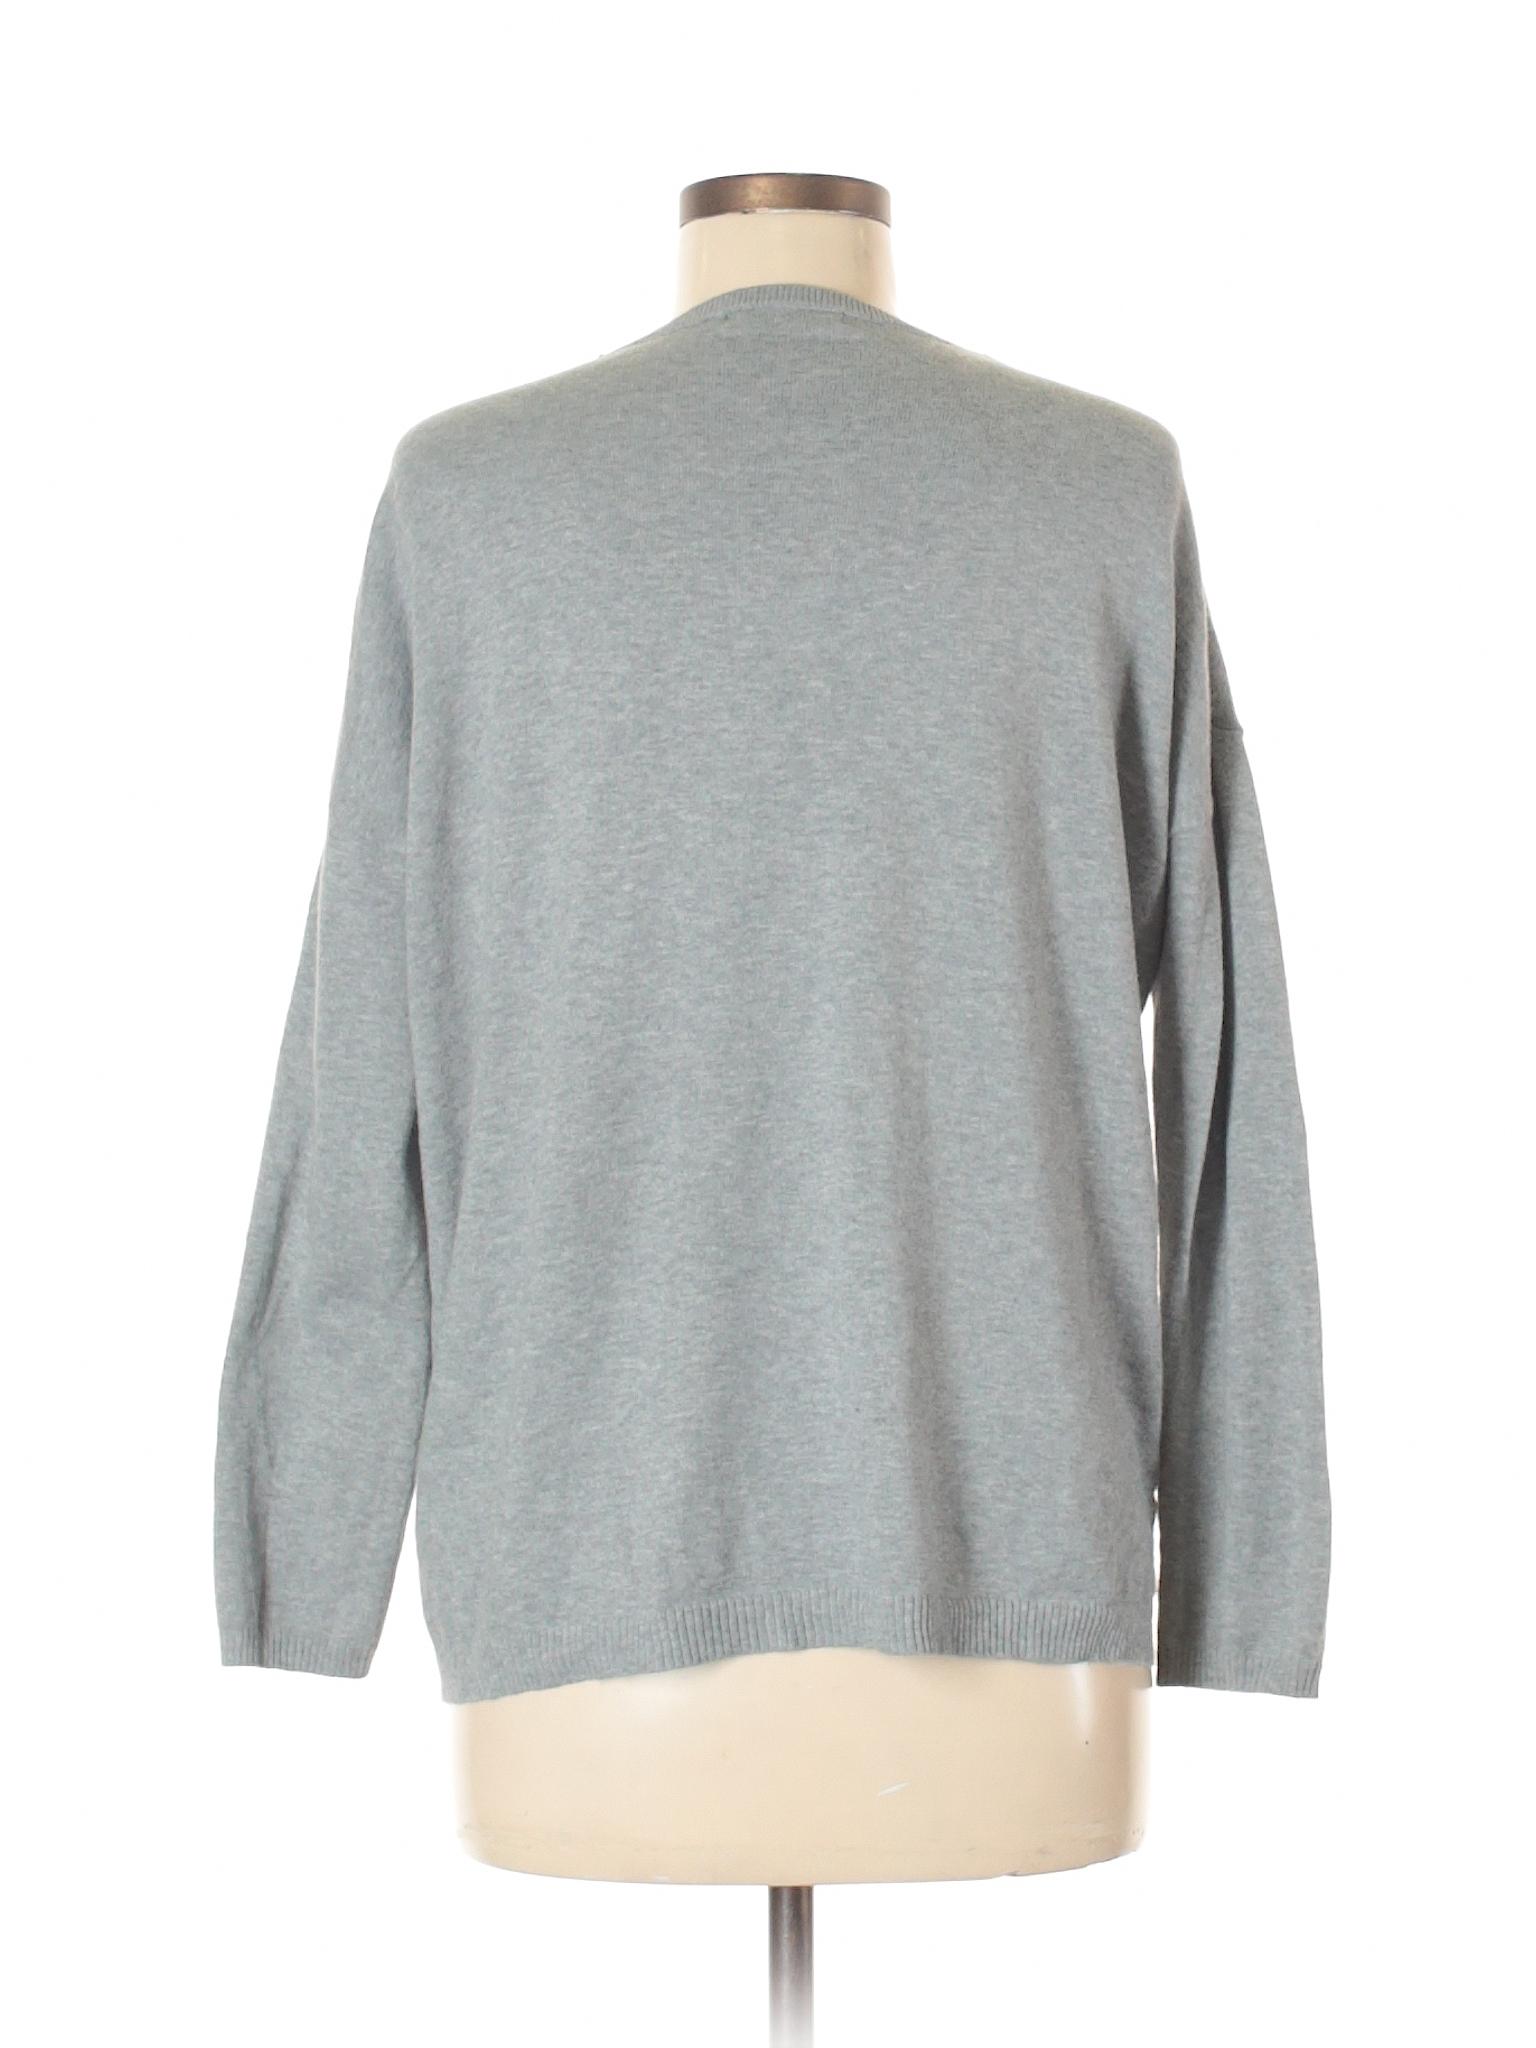 Pullover Sweater winter Boutique Zara Boutique winter xq0wIXEq